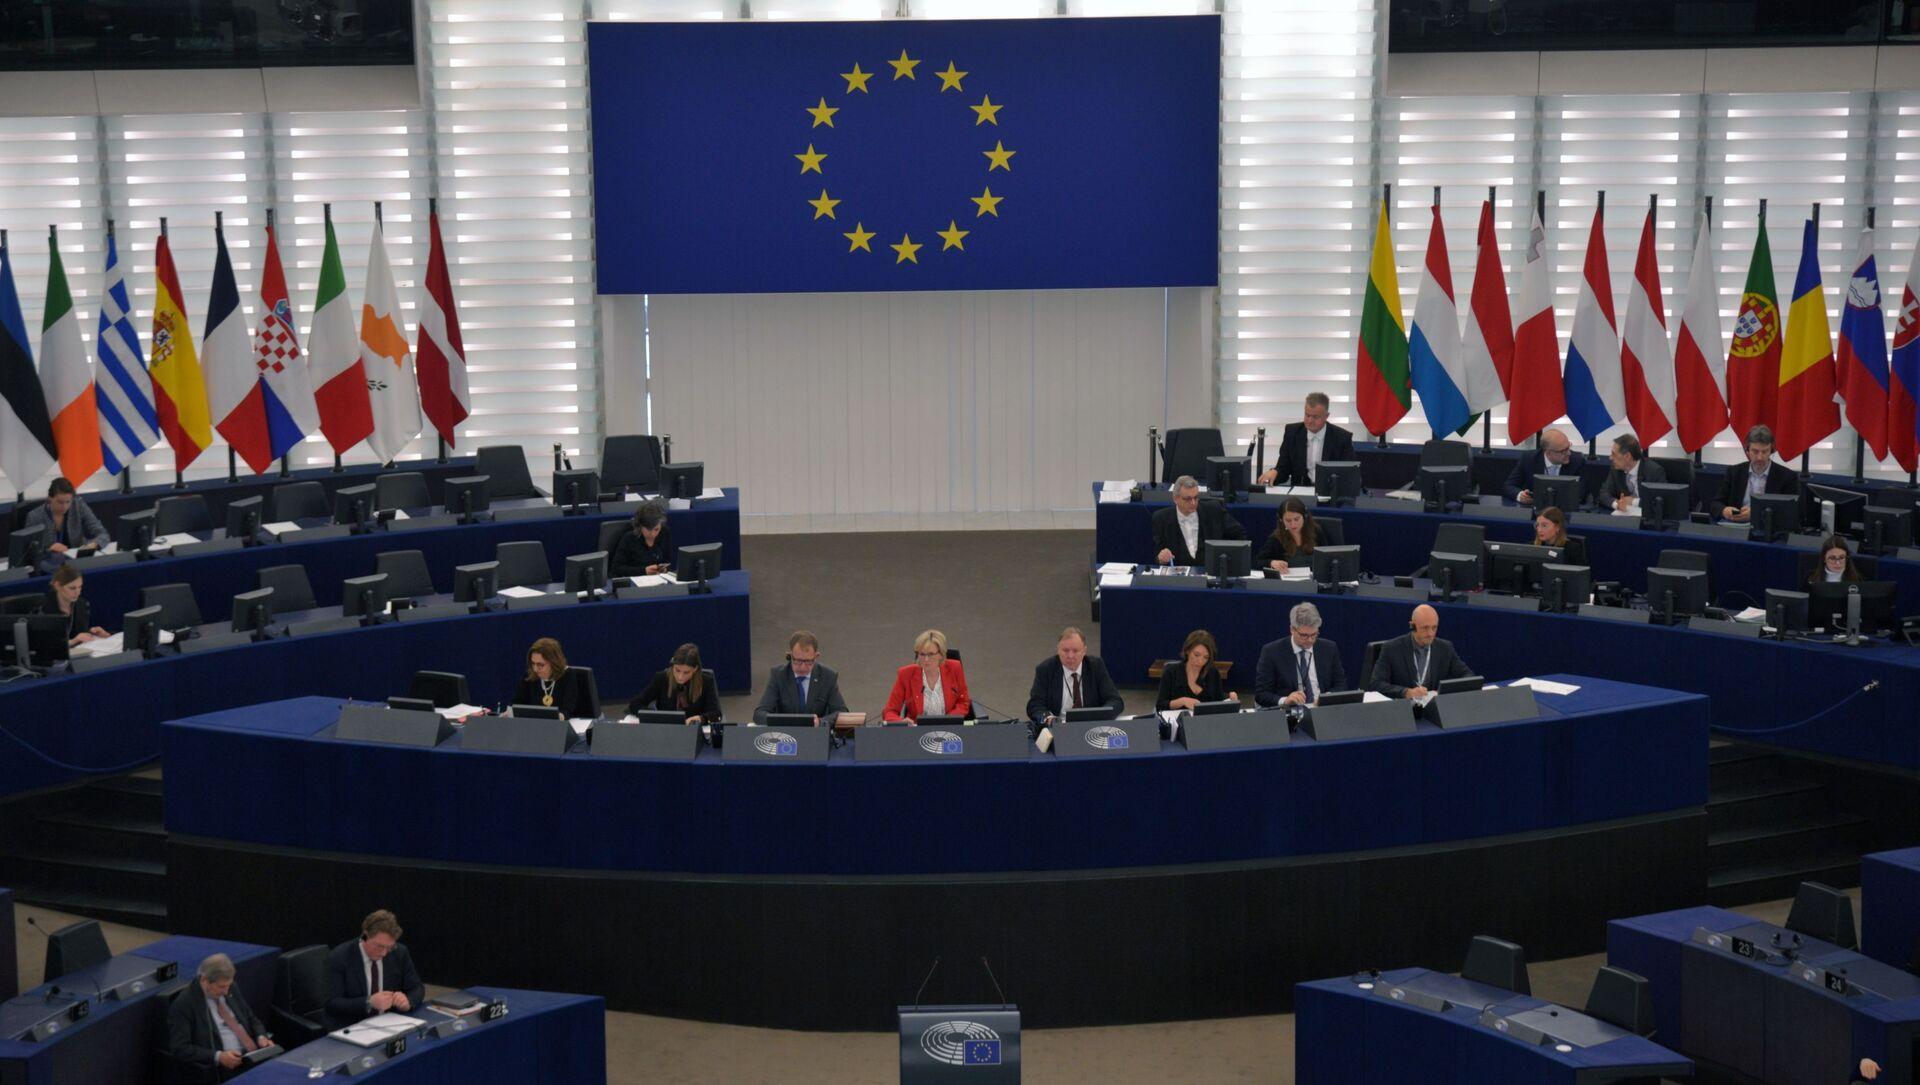 Zasedání Evropského parlamentu ve Štrasburku - Sputnik Česká republika, 1920, 11.02.2021